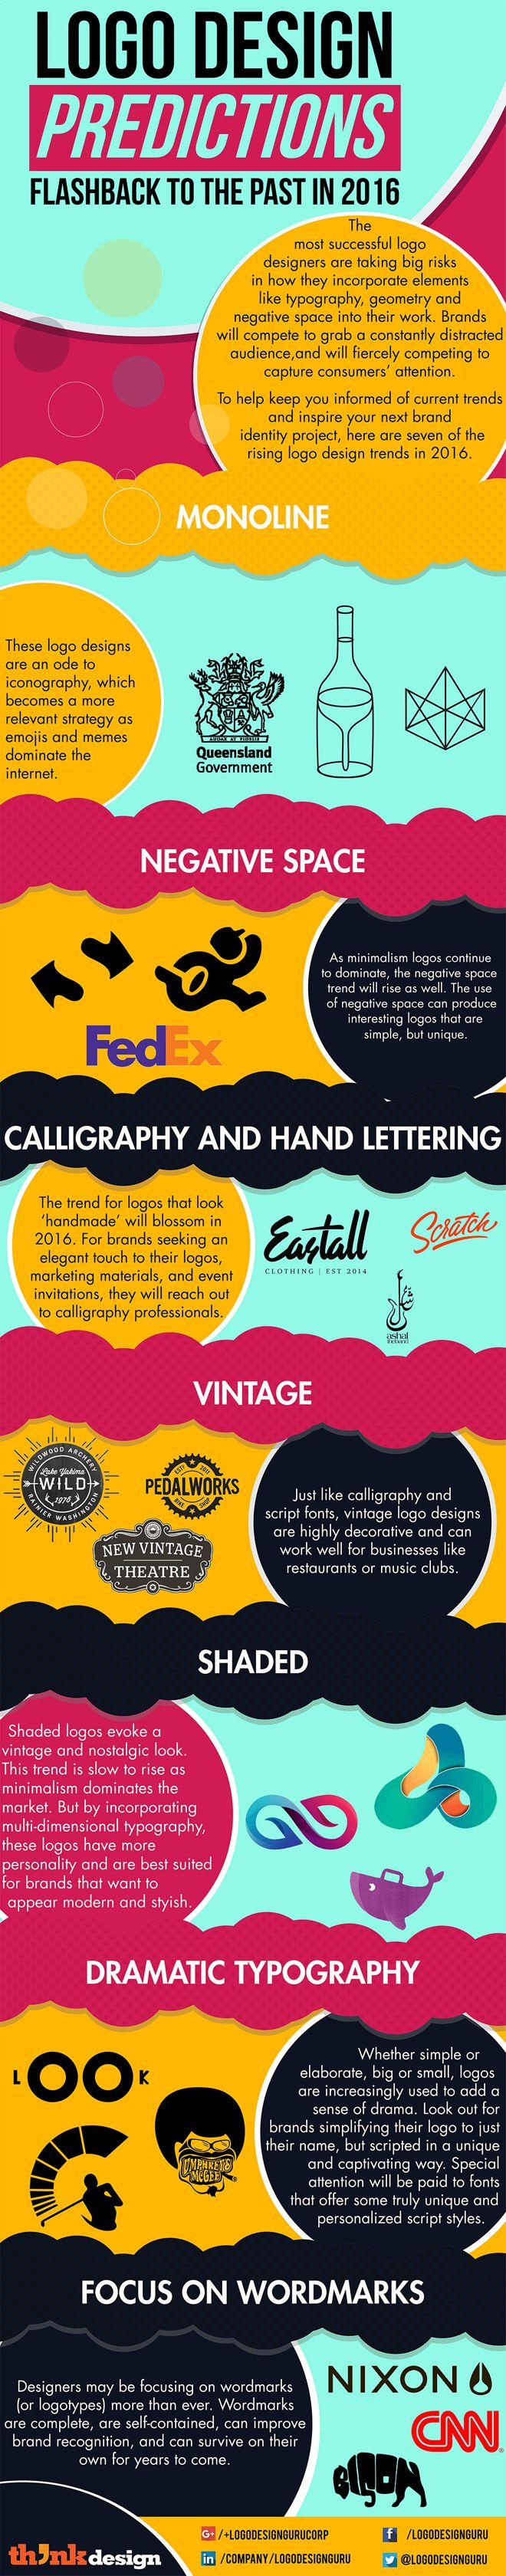 Infográfico mostra tendências para o design de logos em 2016